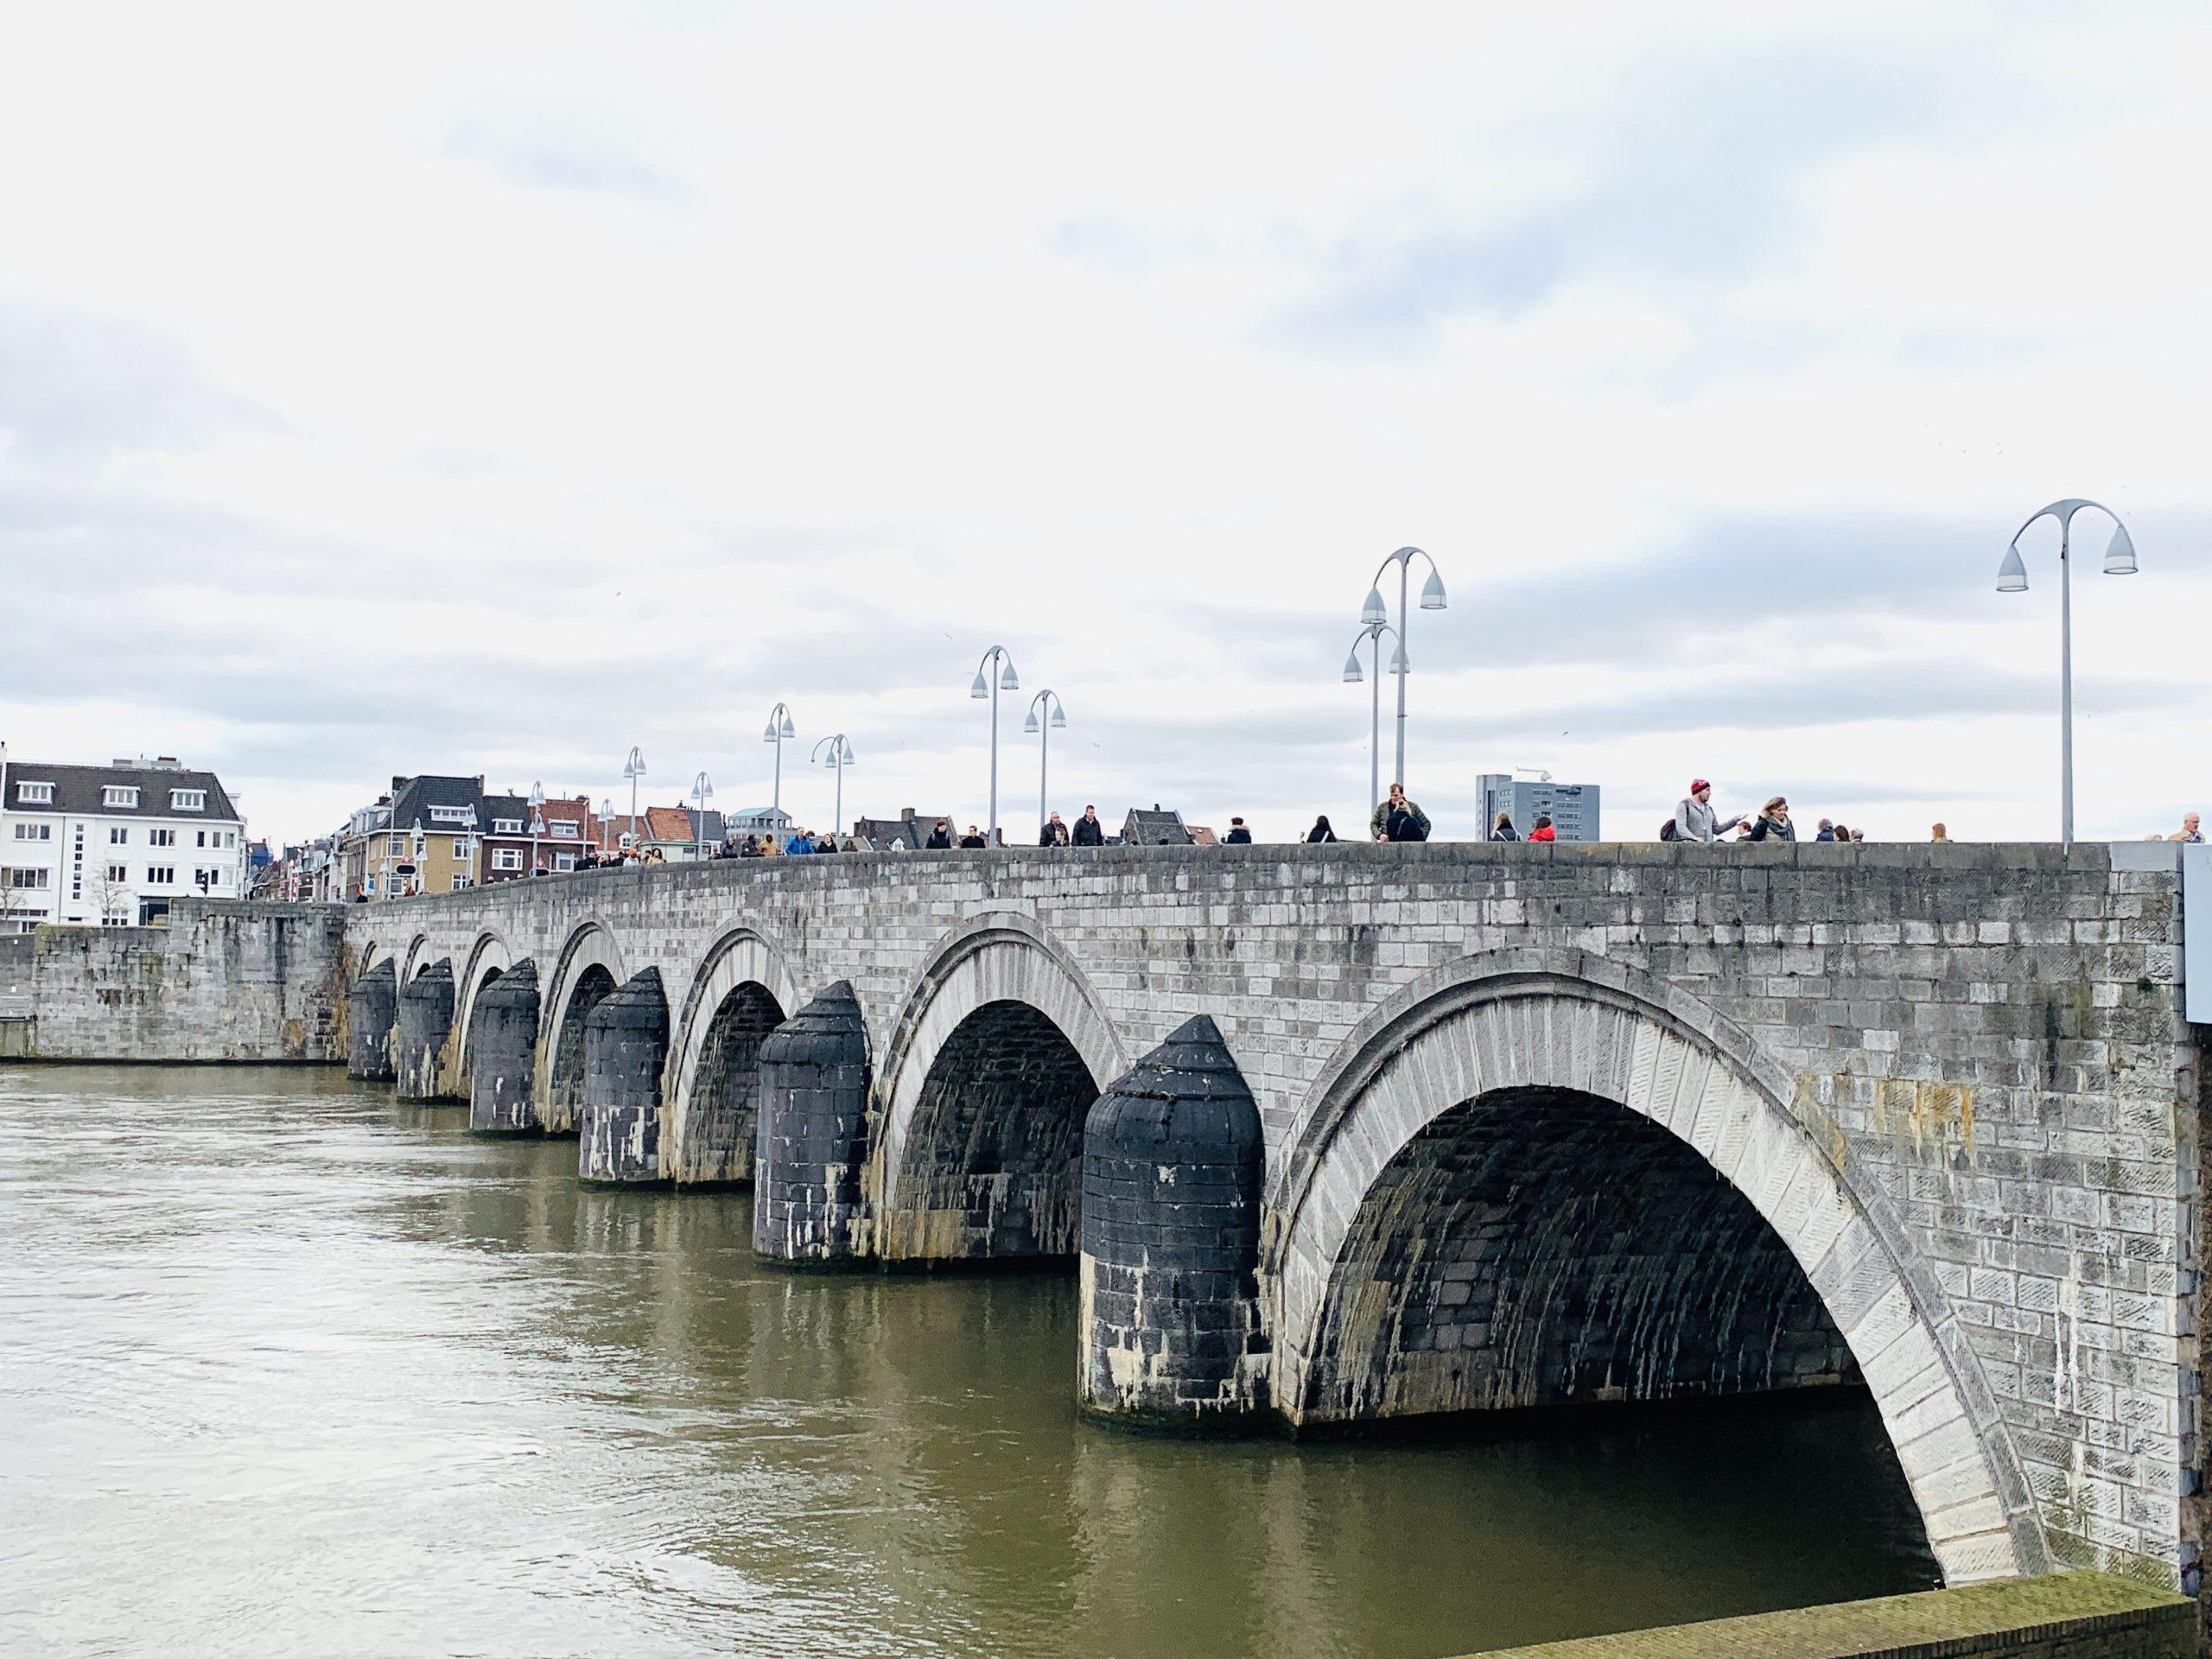 Stadtrundgang über die St Servatius Brücke in Maastricht